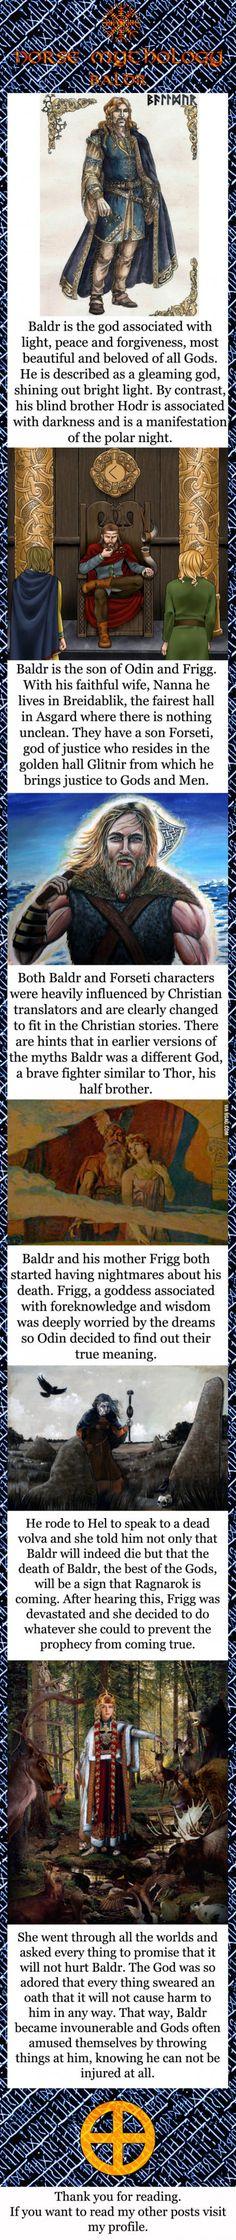 Norse mythology - Baldr